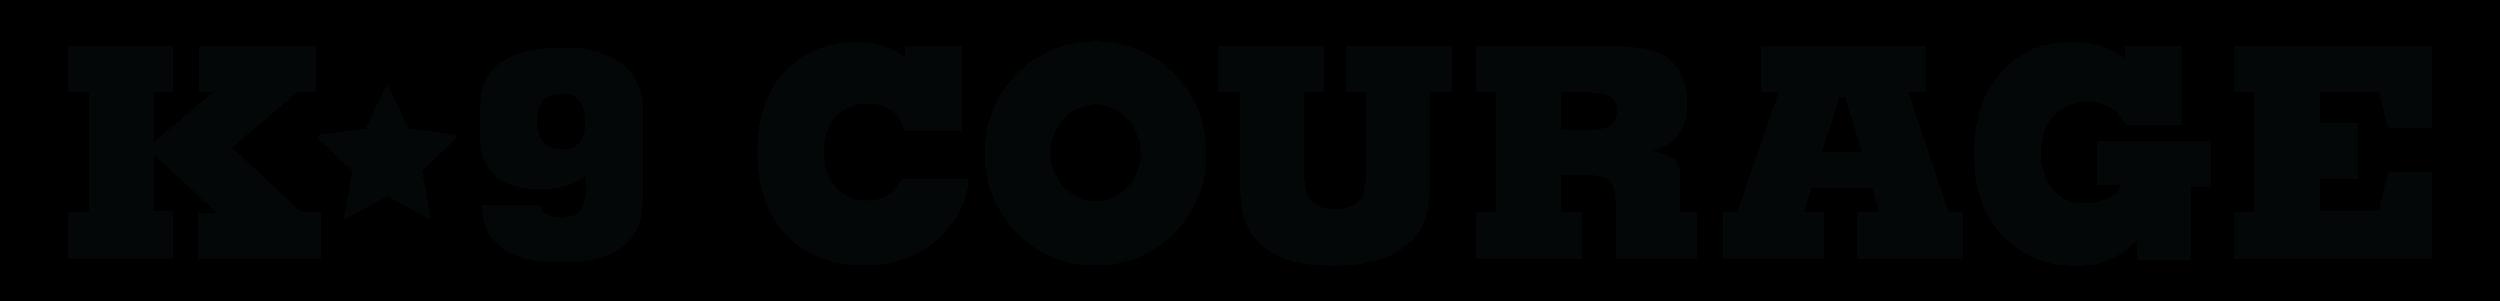 K9_Courage_Logo-01.png